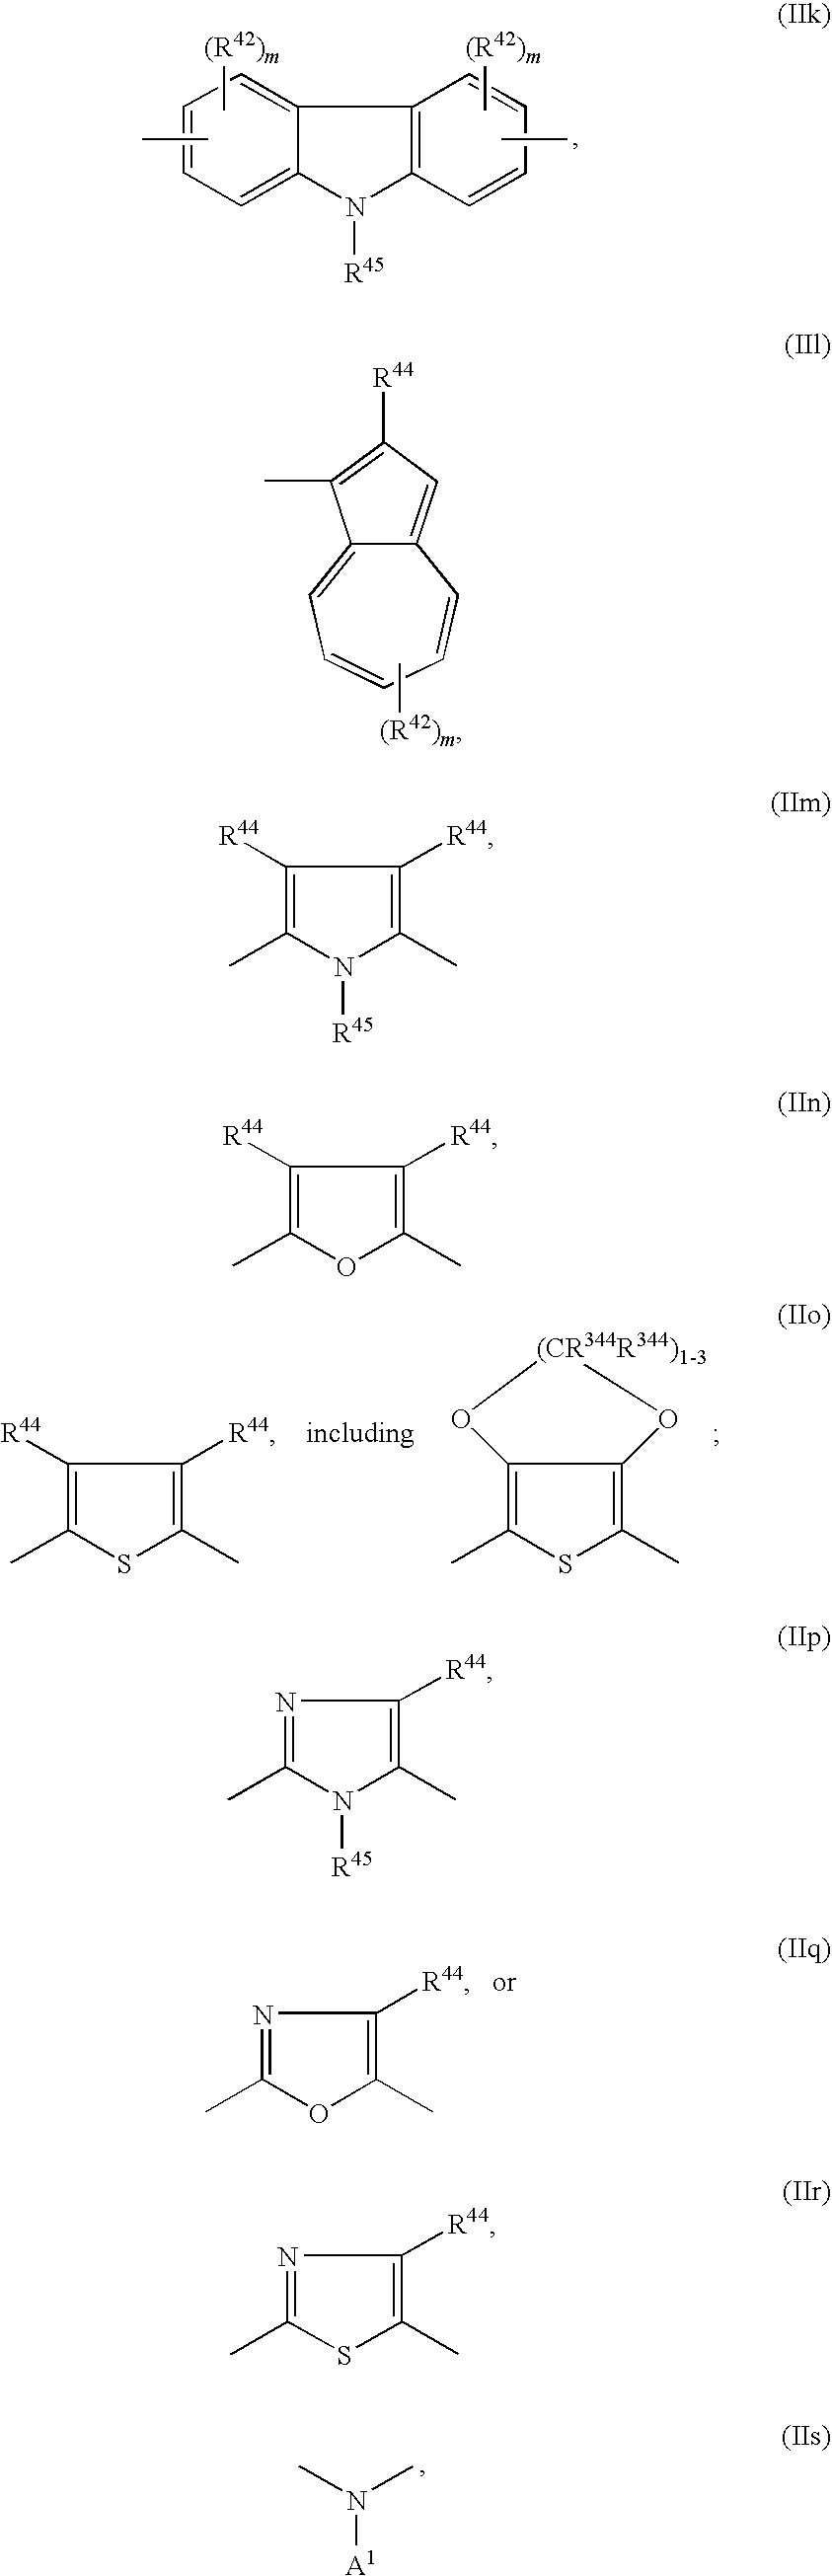 Figure US20090105447A1-20090423-C00042